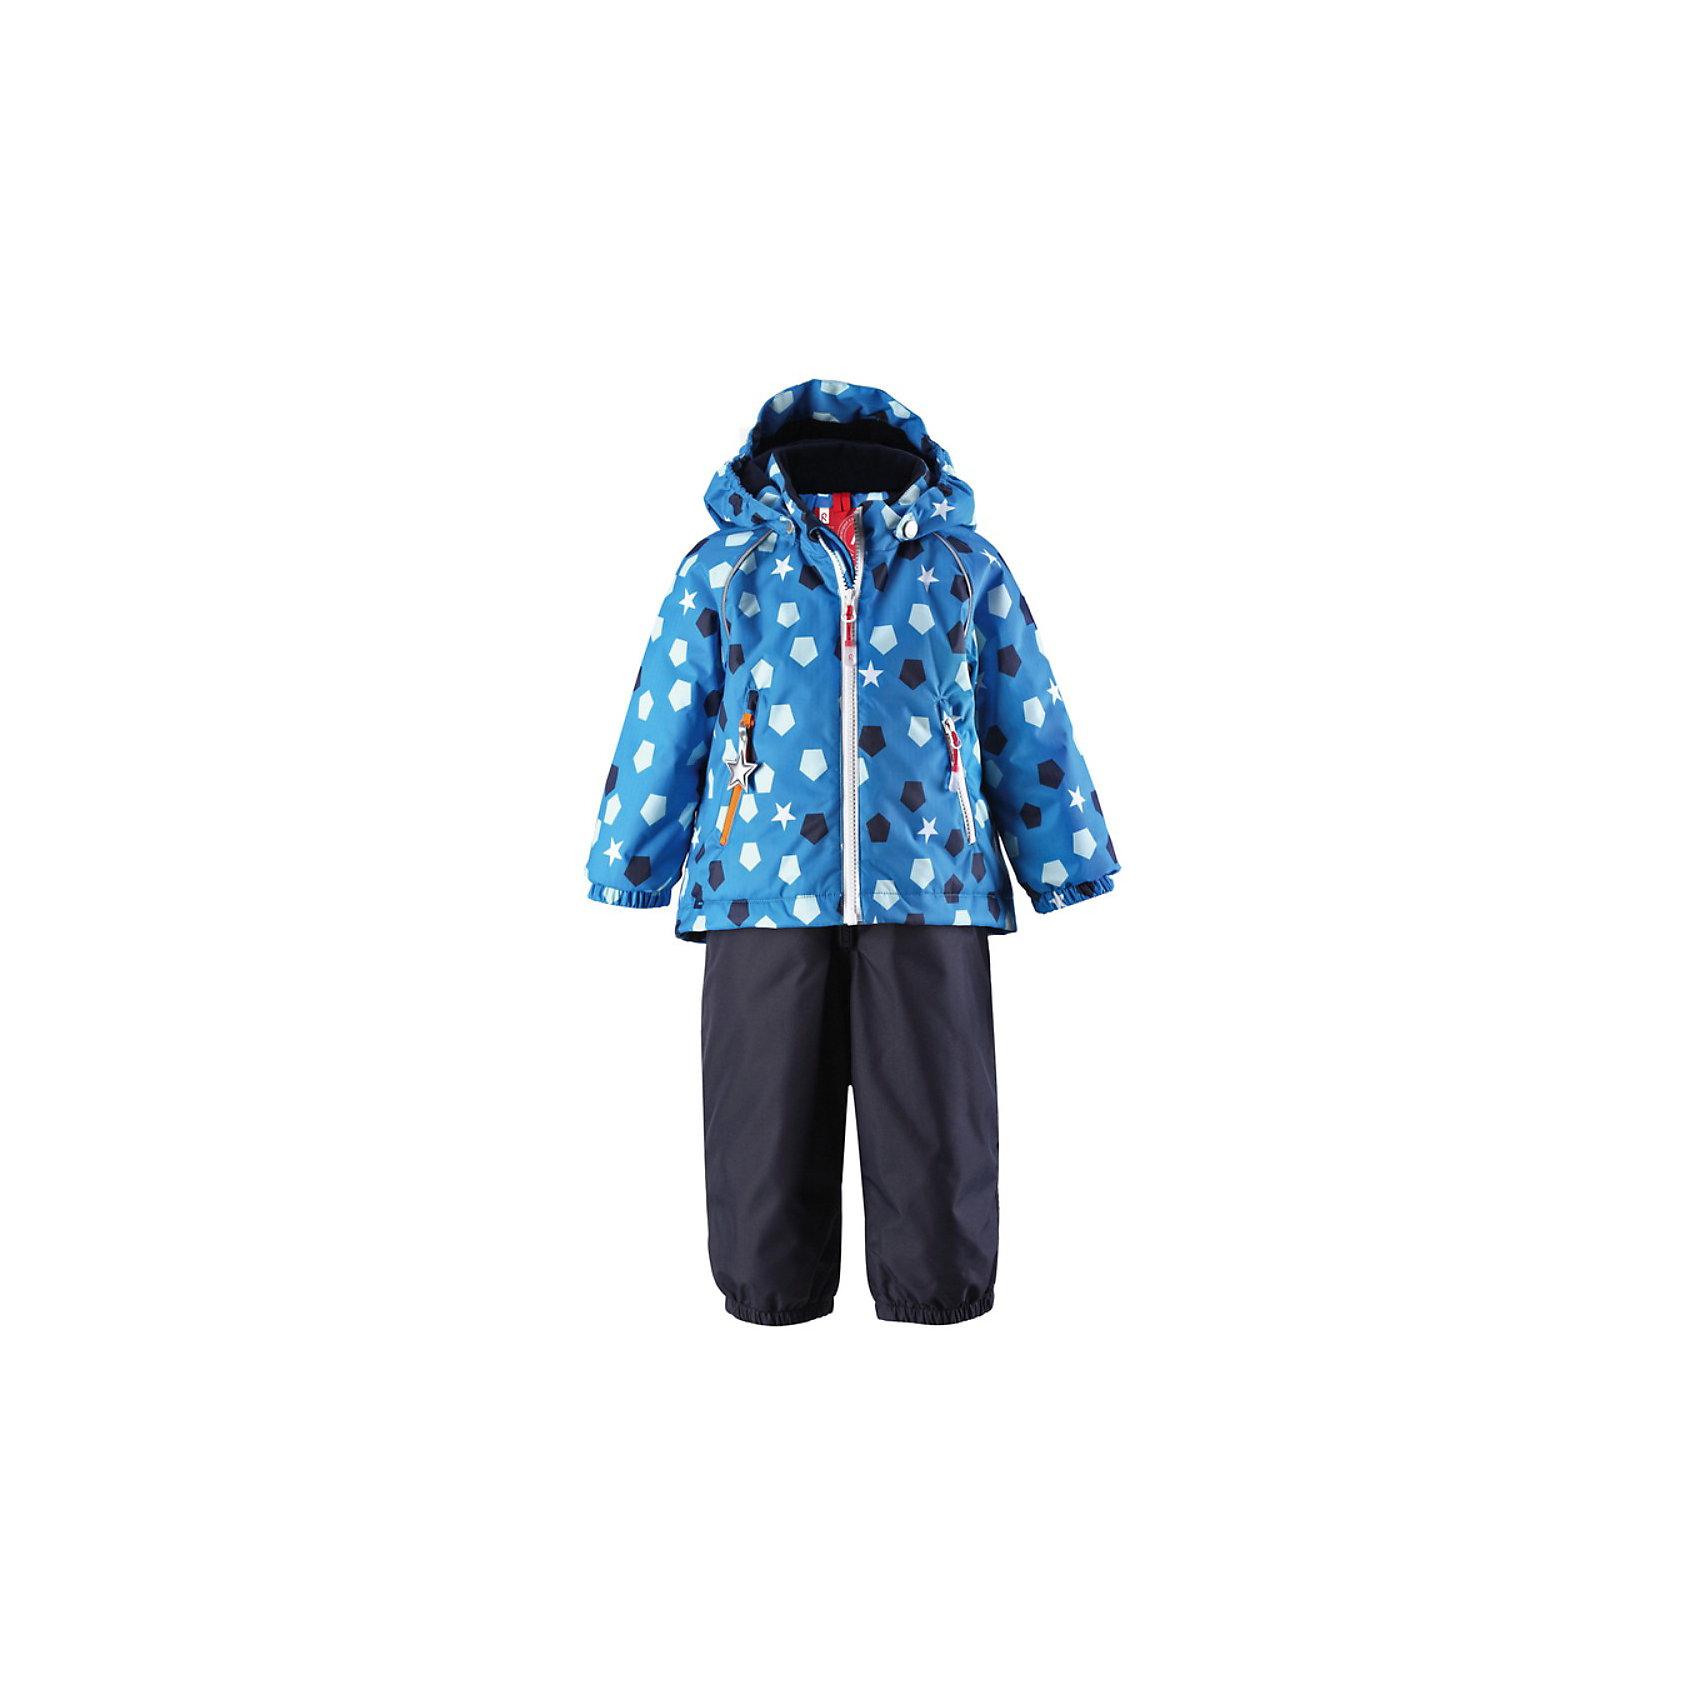 Комплект для мальчика: куртка и полукобинезон ReimaКомплект для мальчика: куртка и полукобинезон от популярного финского бренда Reima.<br>Детский комплект<br>Основные швы проклеены<br>Съемный капюшон<br>Два кармана на молниях на куртке<br>Регулируемые подтяжки на брюках<br>Утепленное седалище на брюках<br>Съемные эластичные штрипки<br>Светоотражающие детали<br>Состав:<br>100% Полиэстер, Полиуретан-покрытие<br>Средняя степень утепления (до - 20)<br><br>Комплект для мальчика: куртка и полукобинезон Reima (Рейма) можно купить в нашем магазине.<br><br>Ширина мм: 356<br>Глубина мм: 10<br>Высота мм: 245<br>Вес г: 519<br>Цвет: синий<br>Возраст от месяцев: 6<br>Возраст до месяцев: 9<br>Пол: Мужской<br>Возраст: Детский<br>Размер: 74,98,92,86,80<br>SKU: 3715317